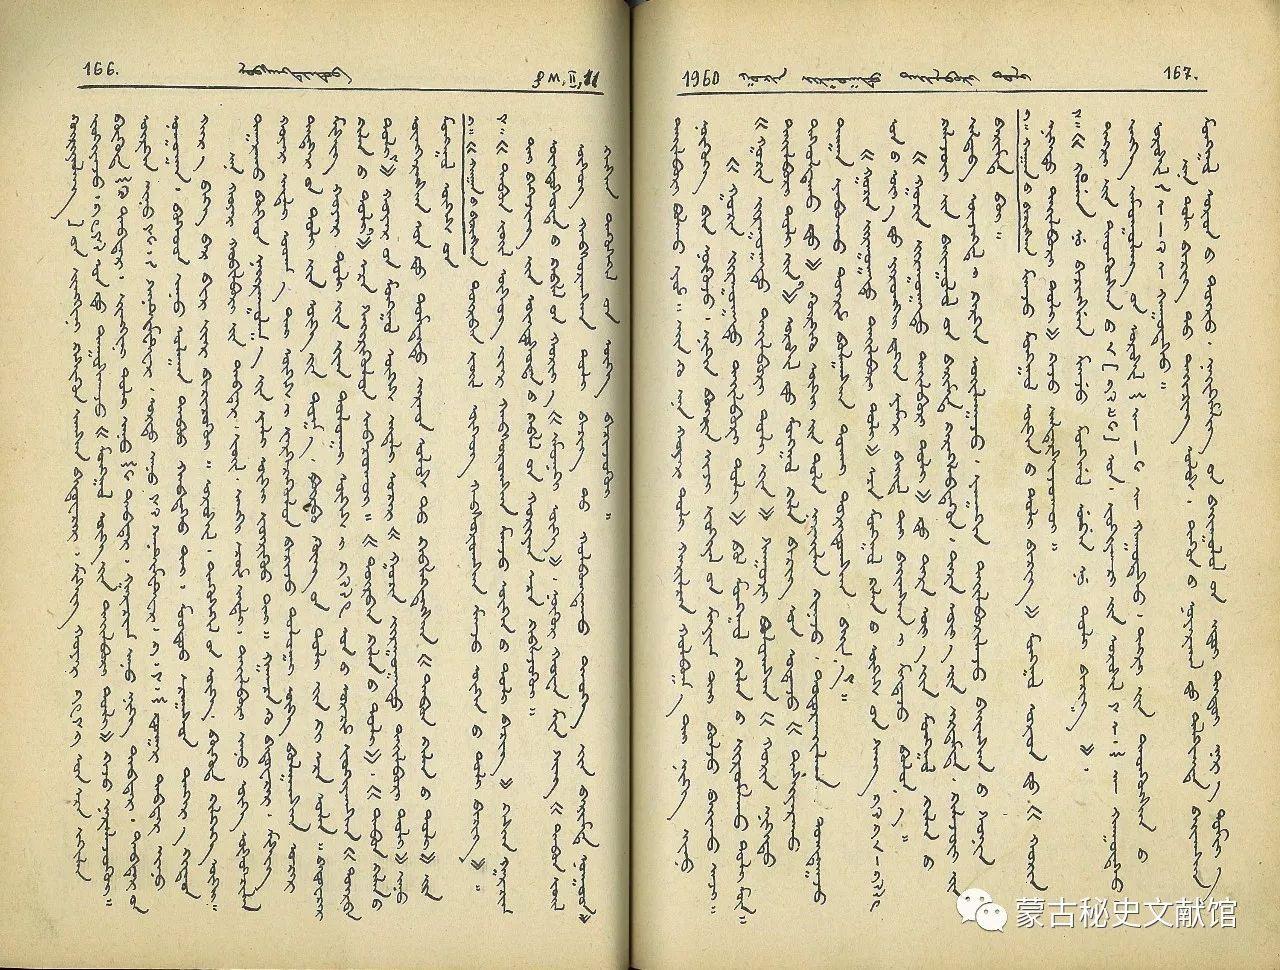 【蒙古文】三十六卷本辞典 第3张 【蒙古文】三十六卷本辞典 蒙古文化